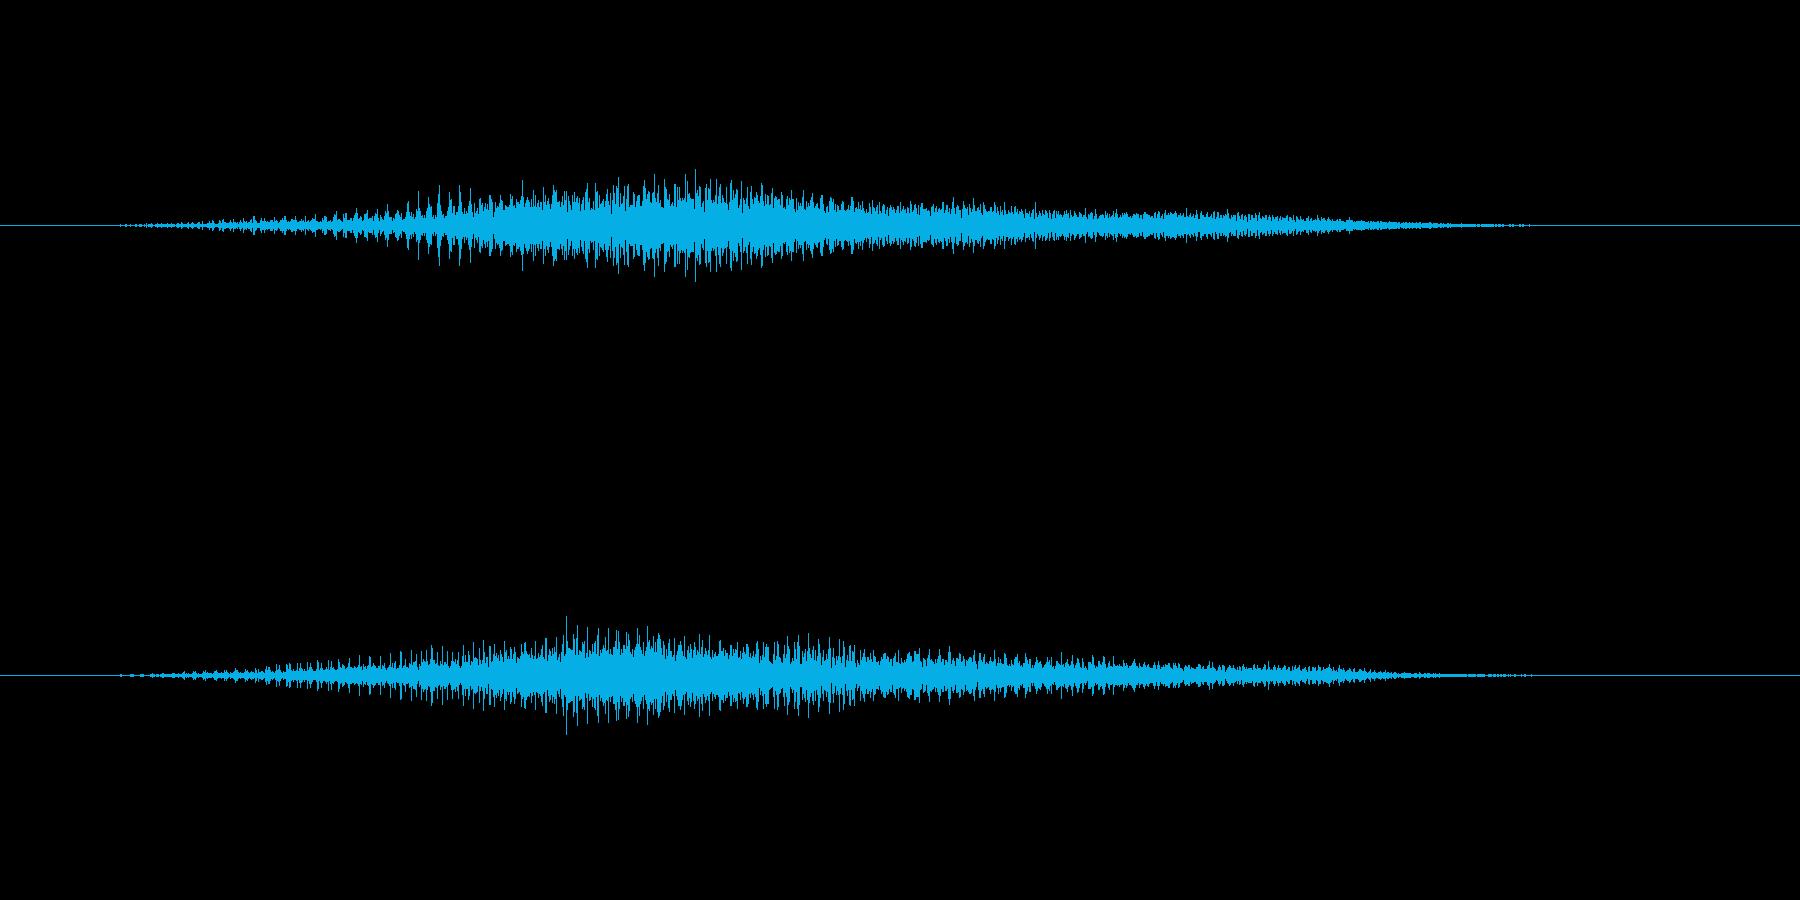 ホラー系のモンスターの通り過ぎるシーンの再生済みの波形